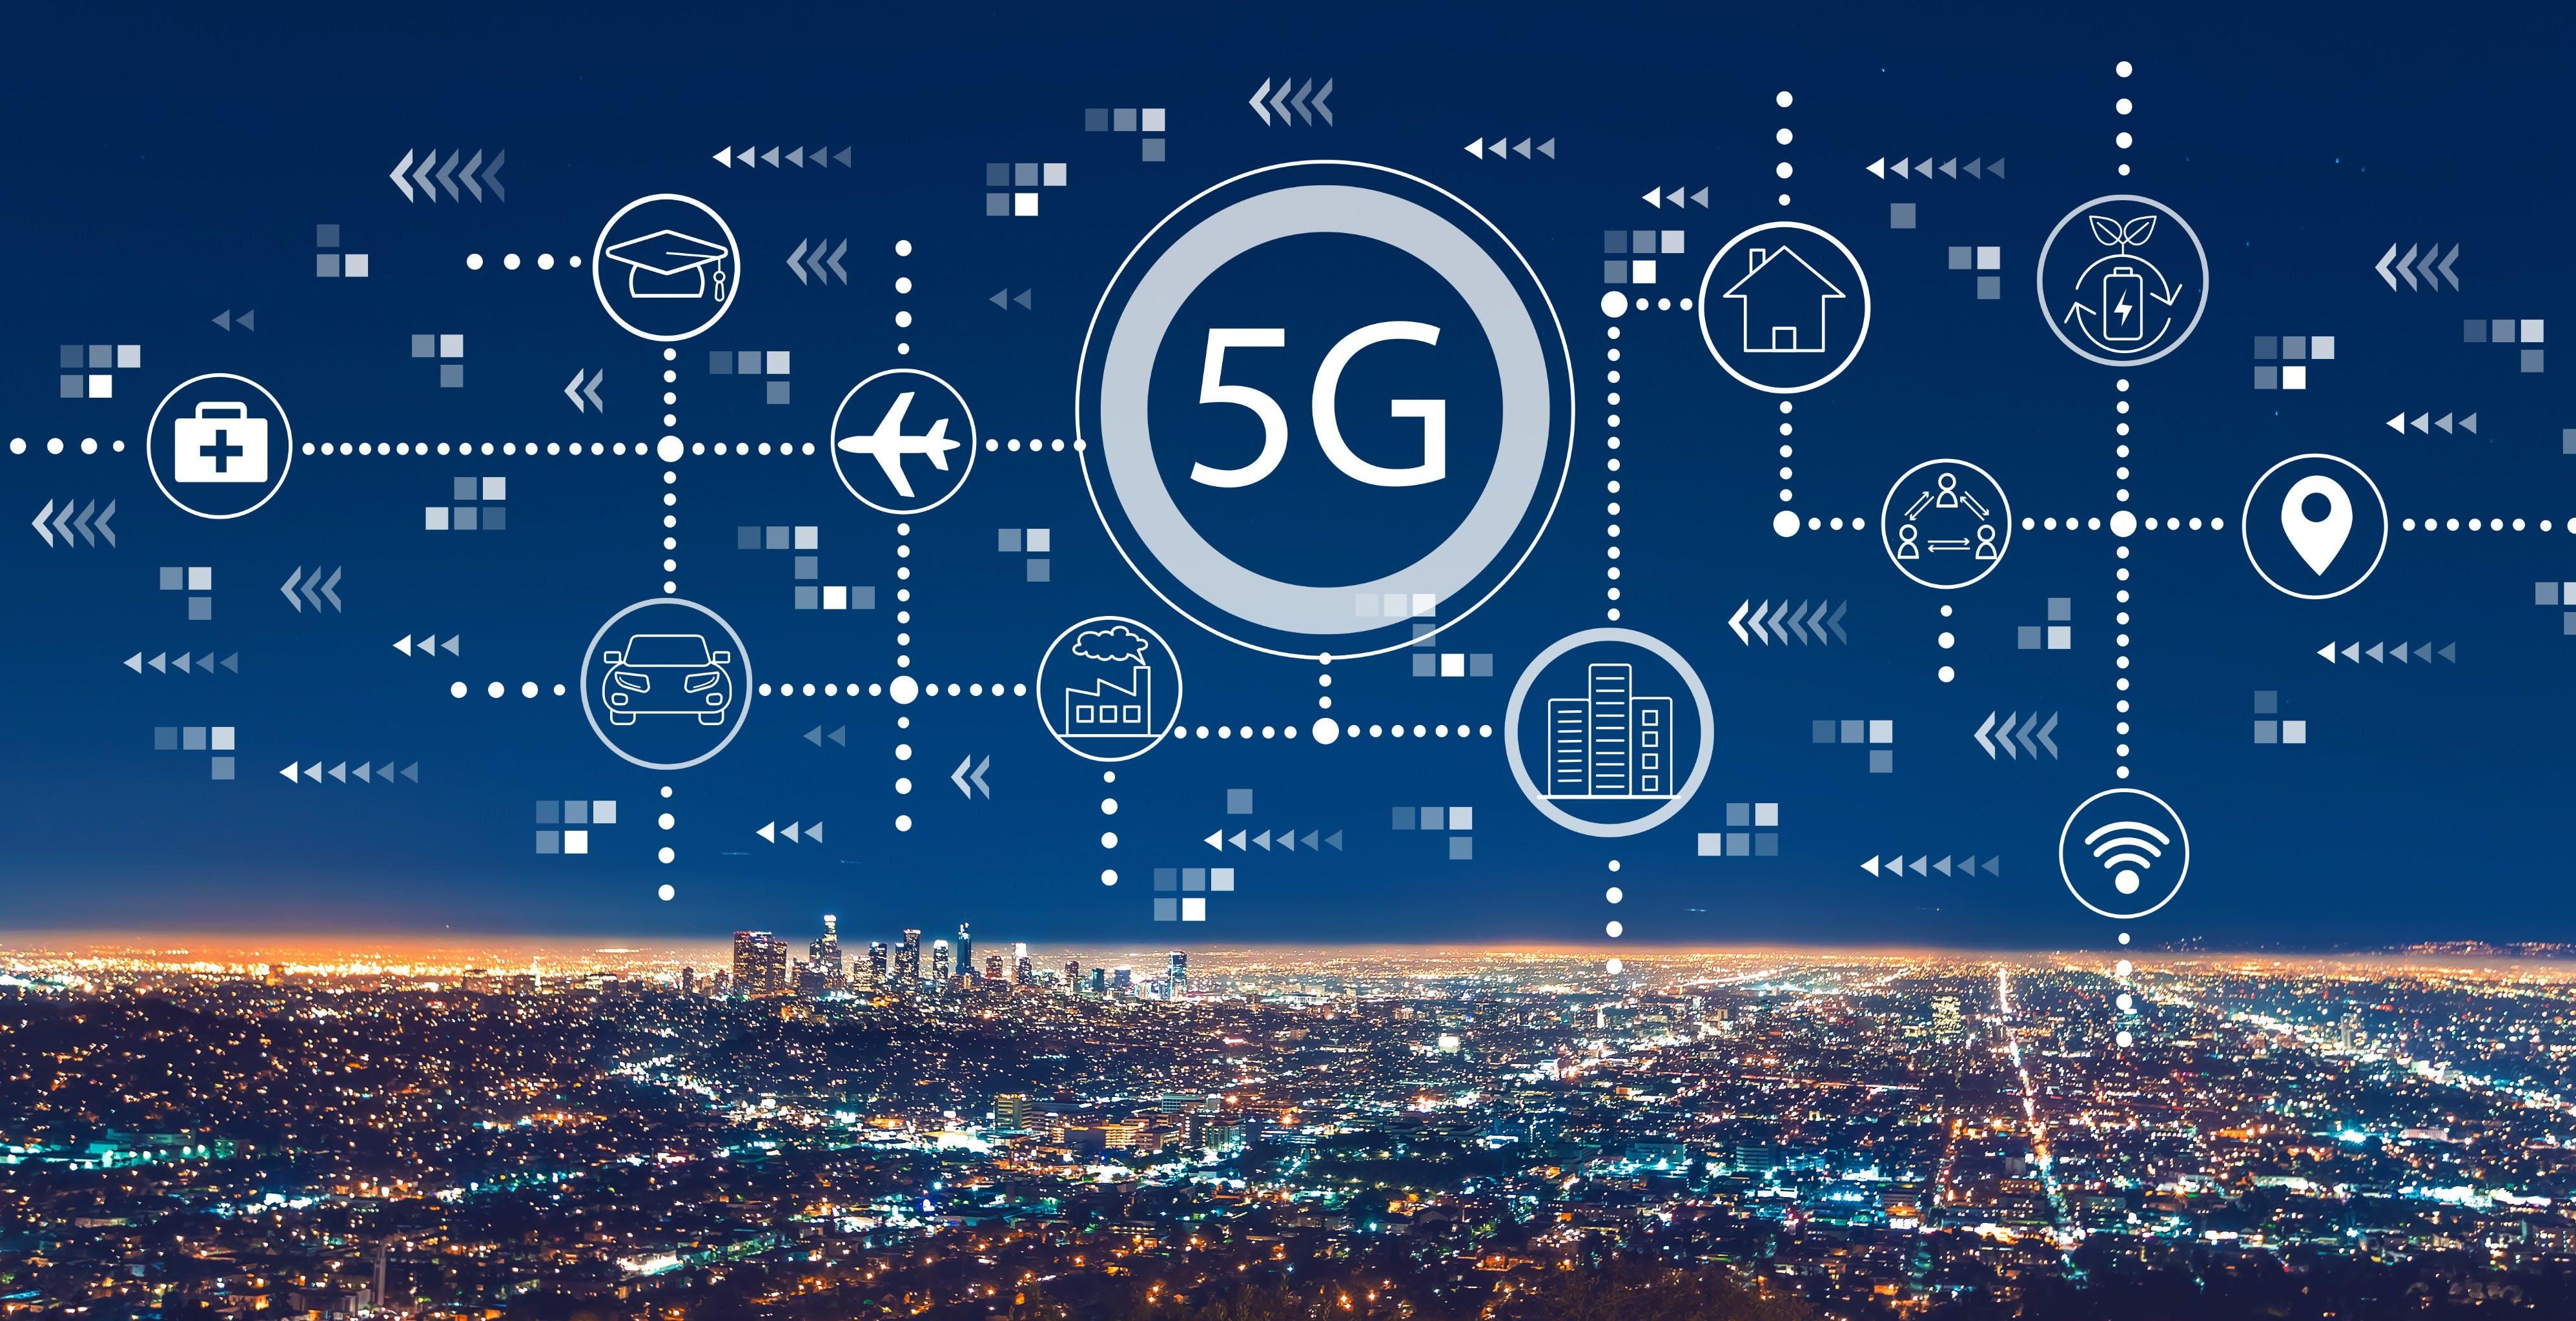 Il 5G è pericoloso? I pareri degli esperti a confronto: il video